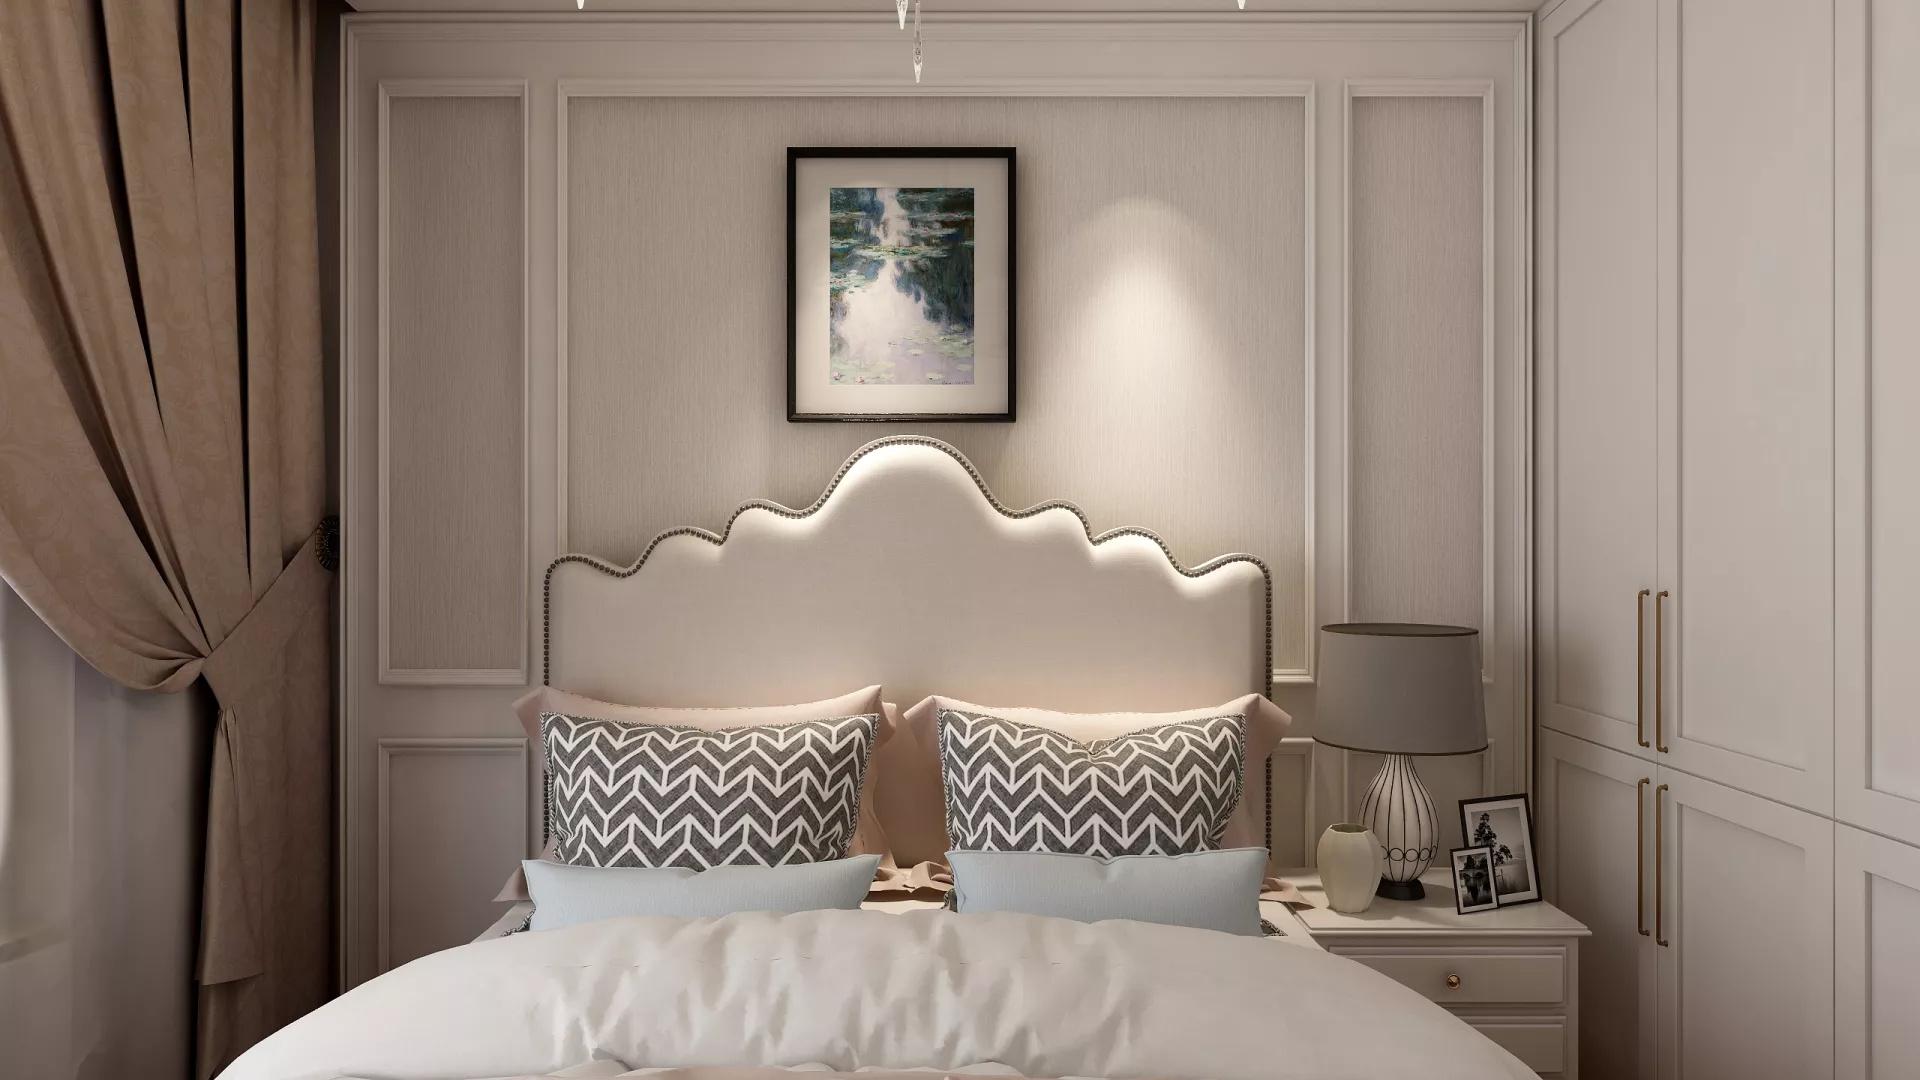 海天一色的纯美风格客厅背景墙装修效果图